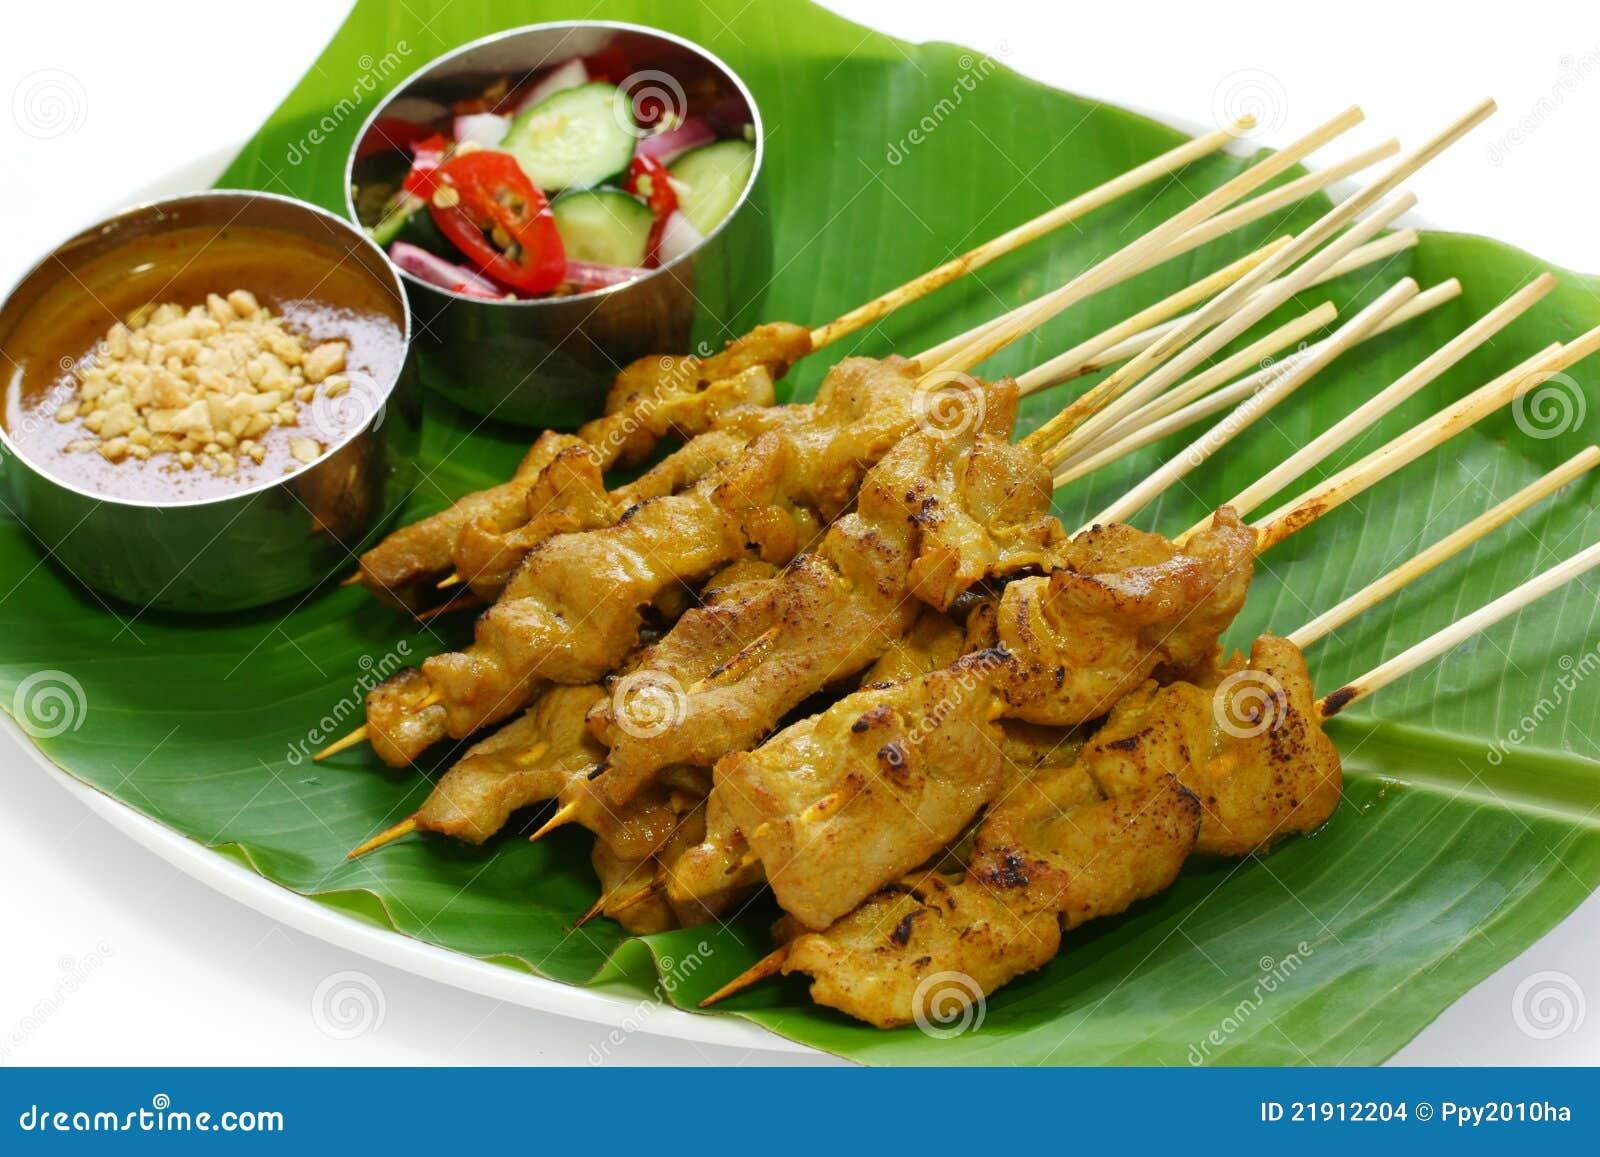 Thai Food Satay With Peanut Sauce